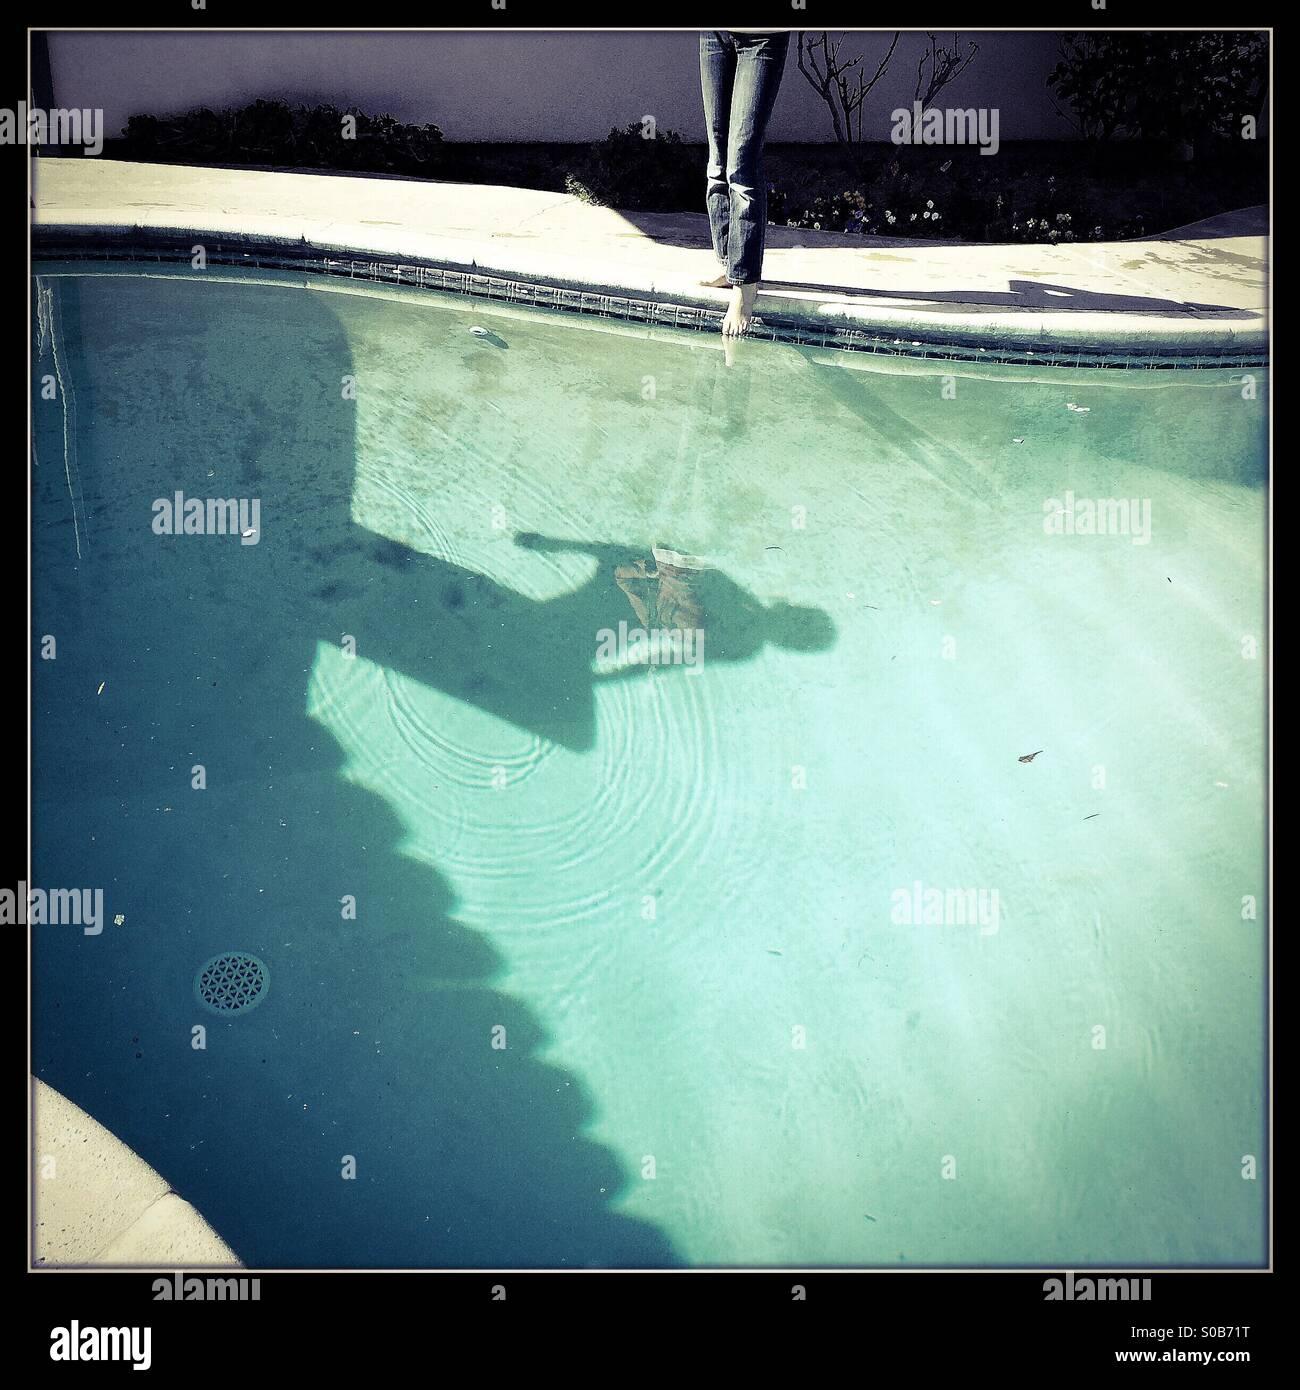 Una sombra en el fondo de una piscina de buceo de una persona fuera de un trampolín. Foto de stock